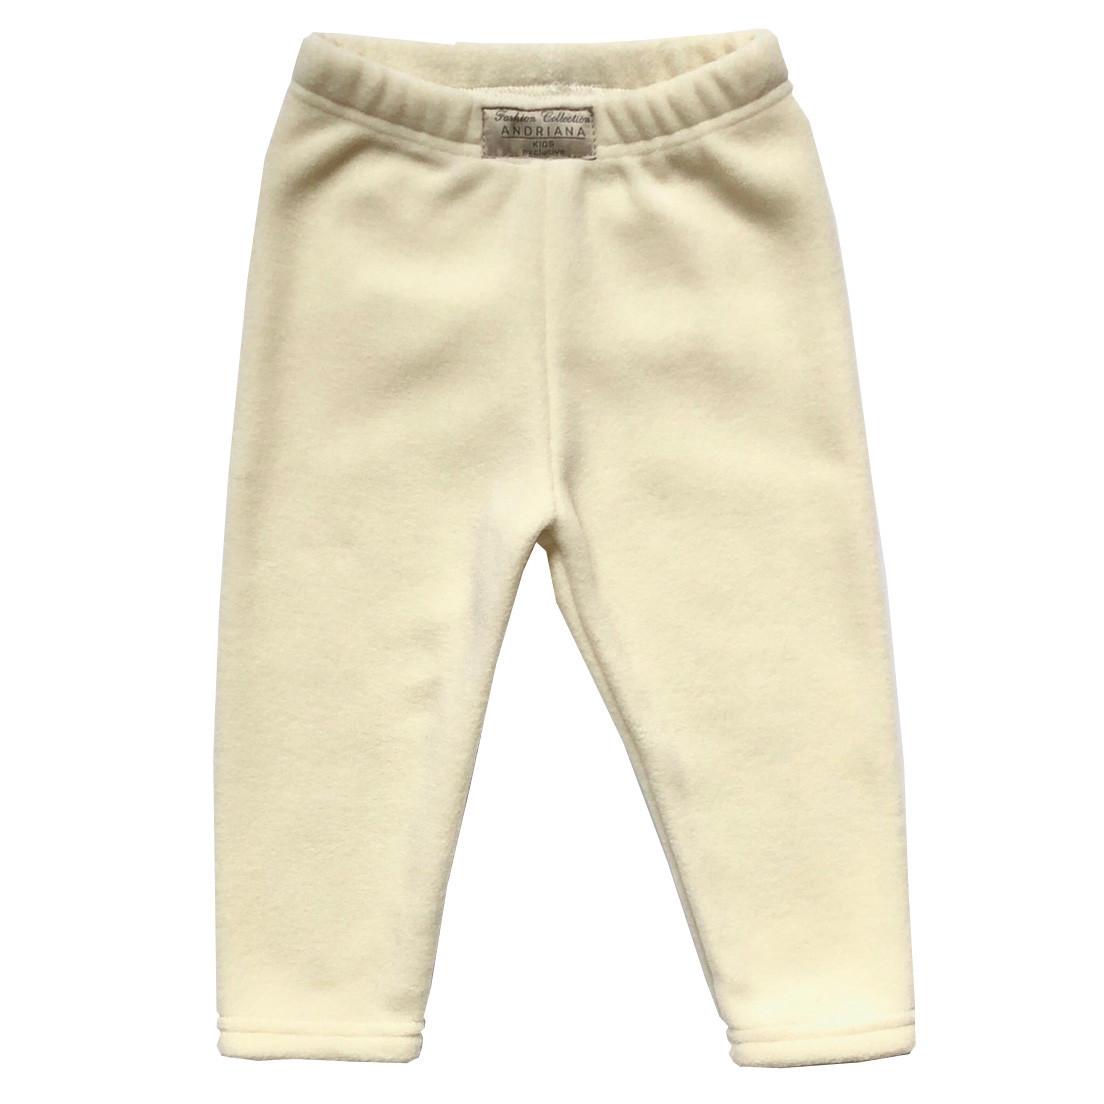 Теплые флисовые штанишки Andriana Kids для девочки молочные (98 размер)